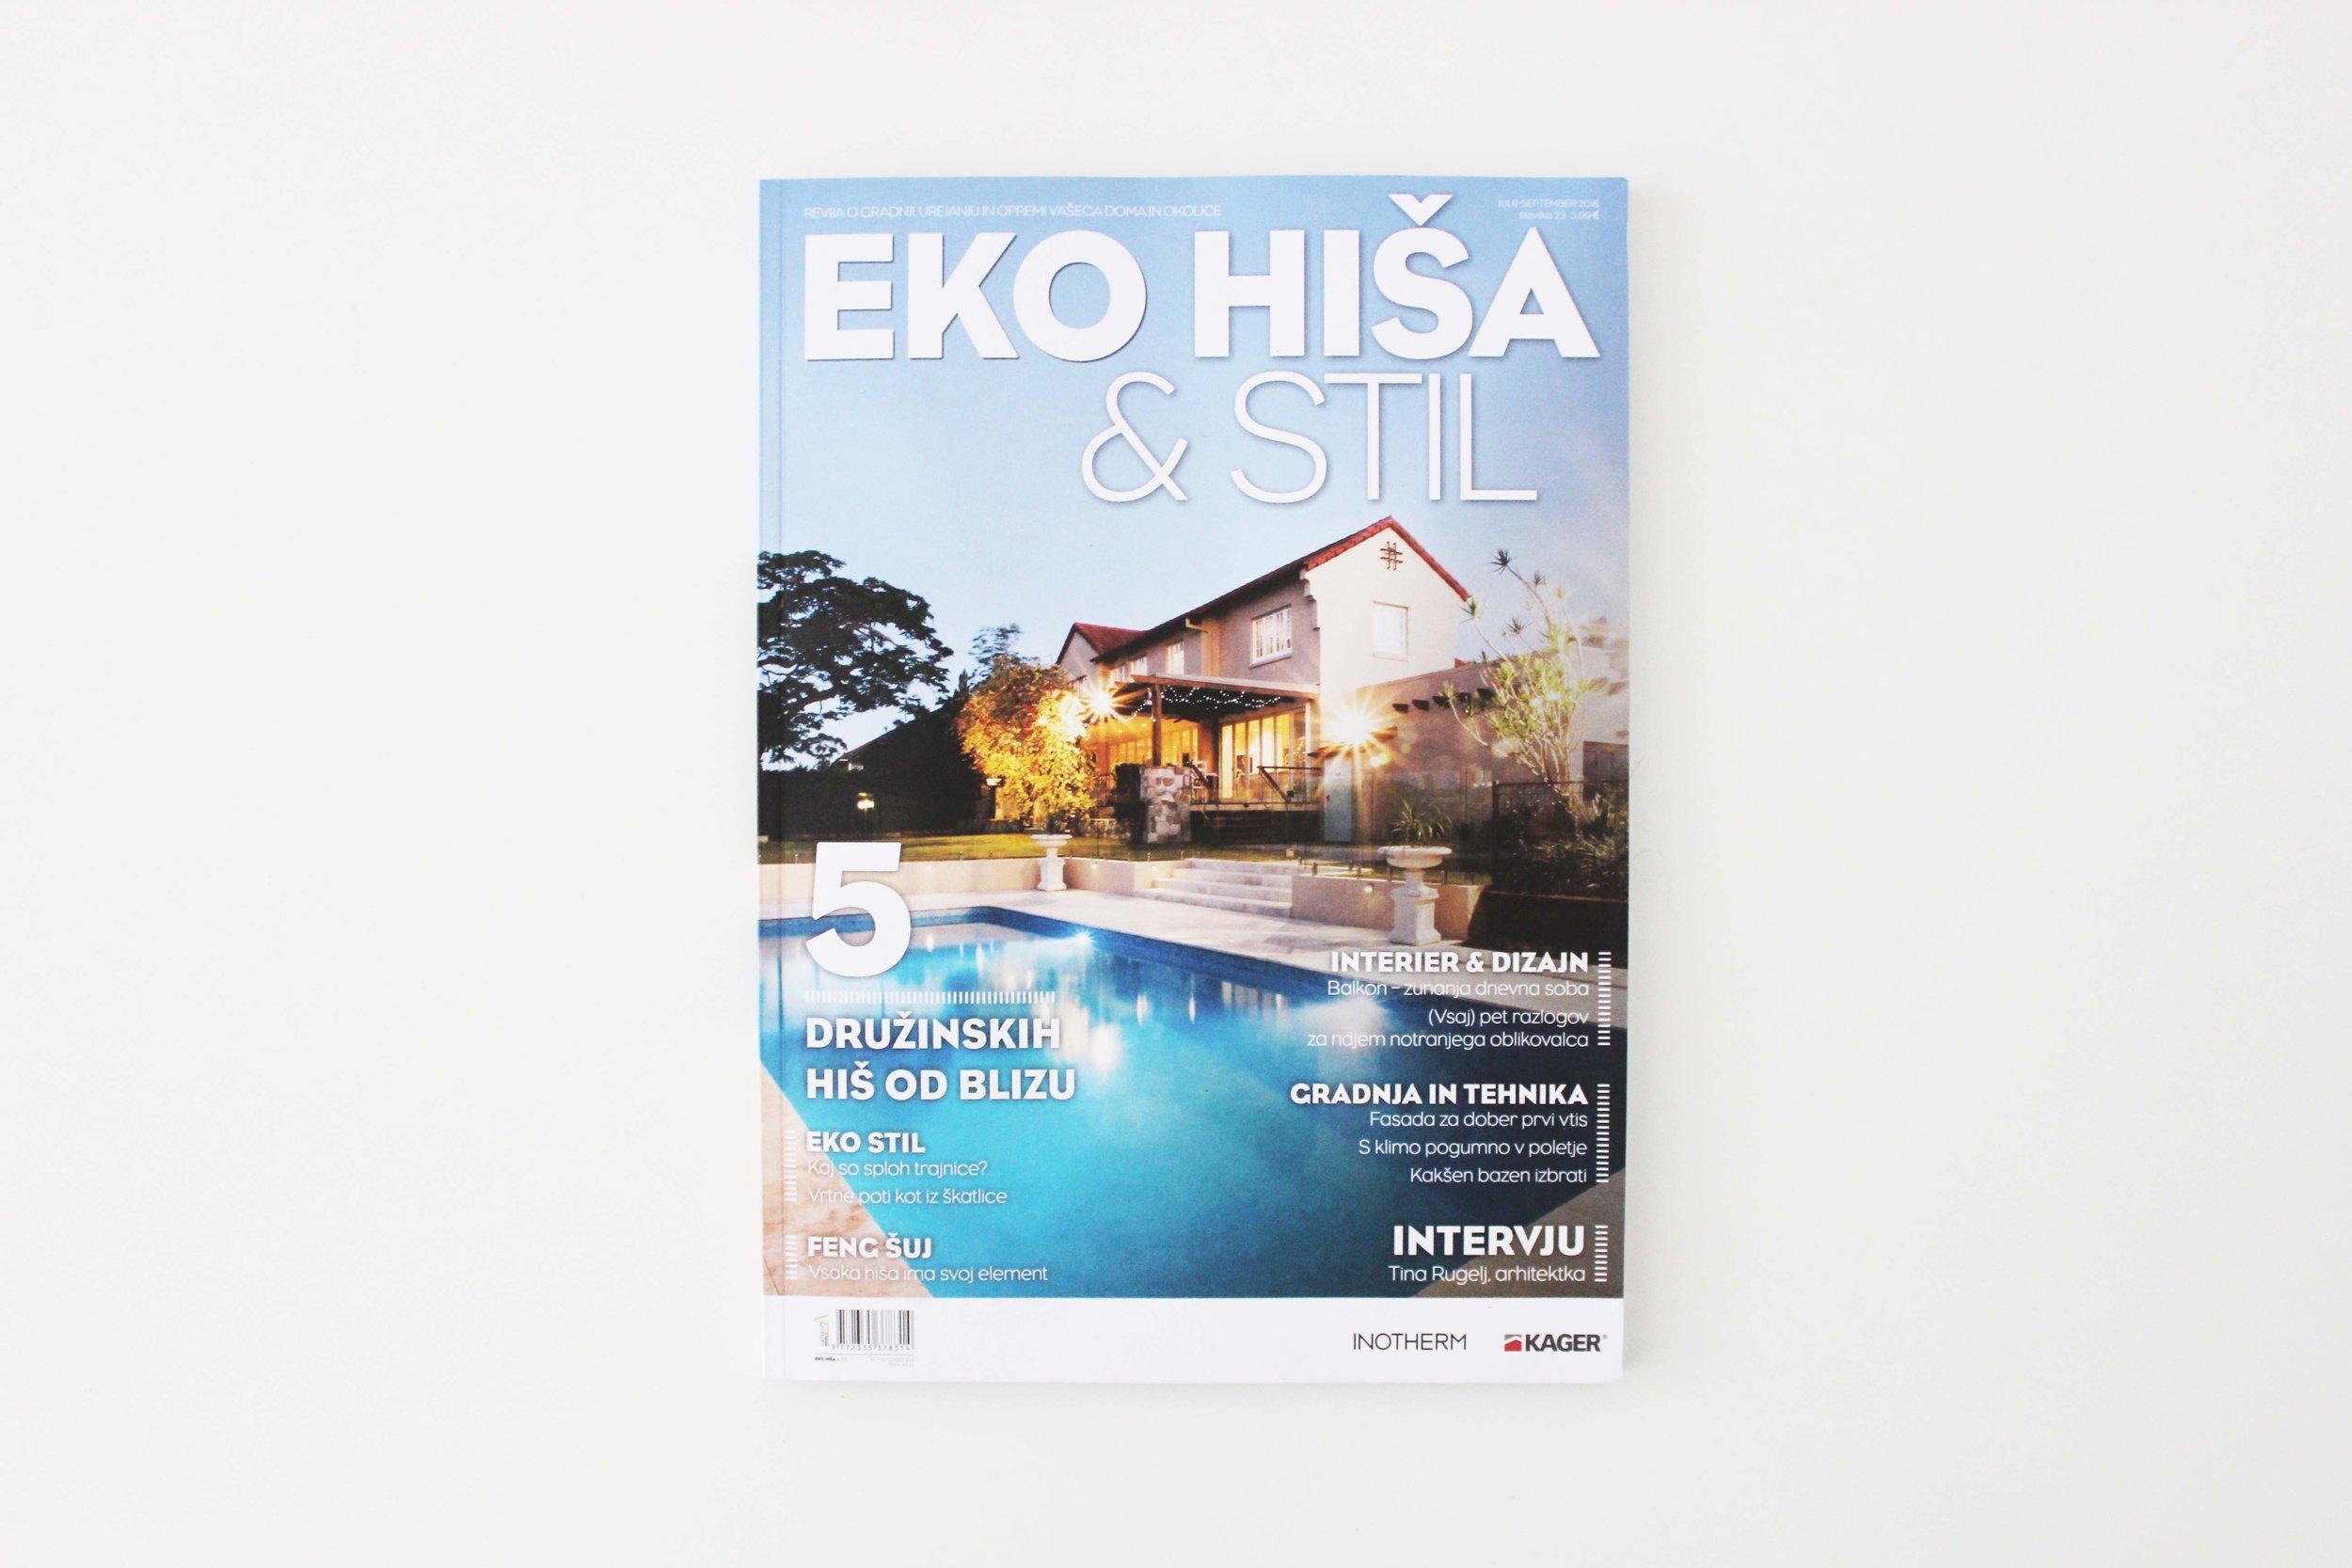 poke_studeio_ekohiše3.JPG